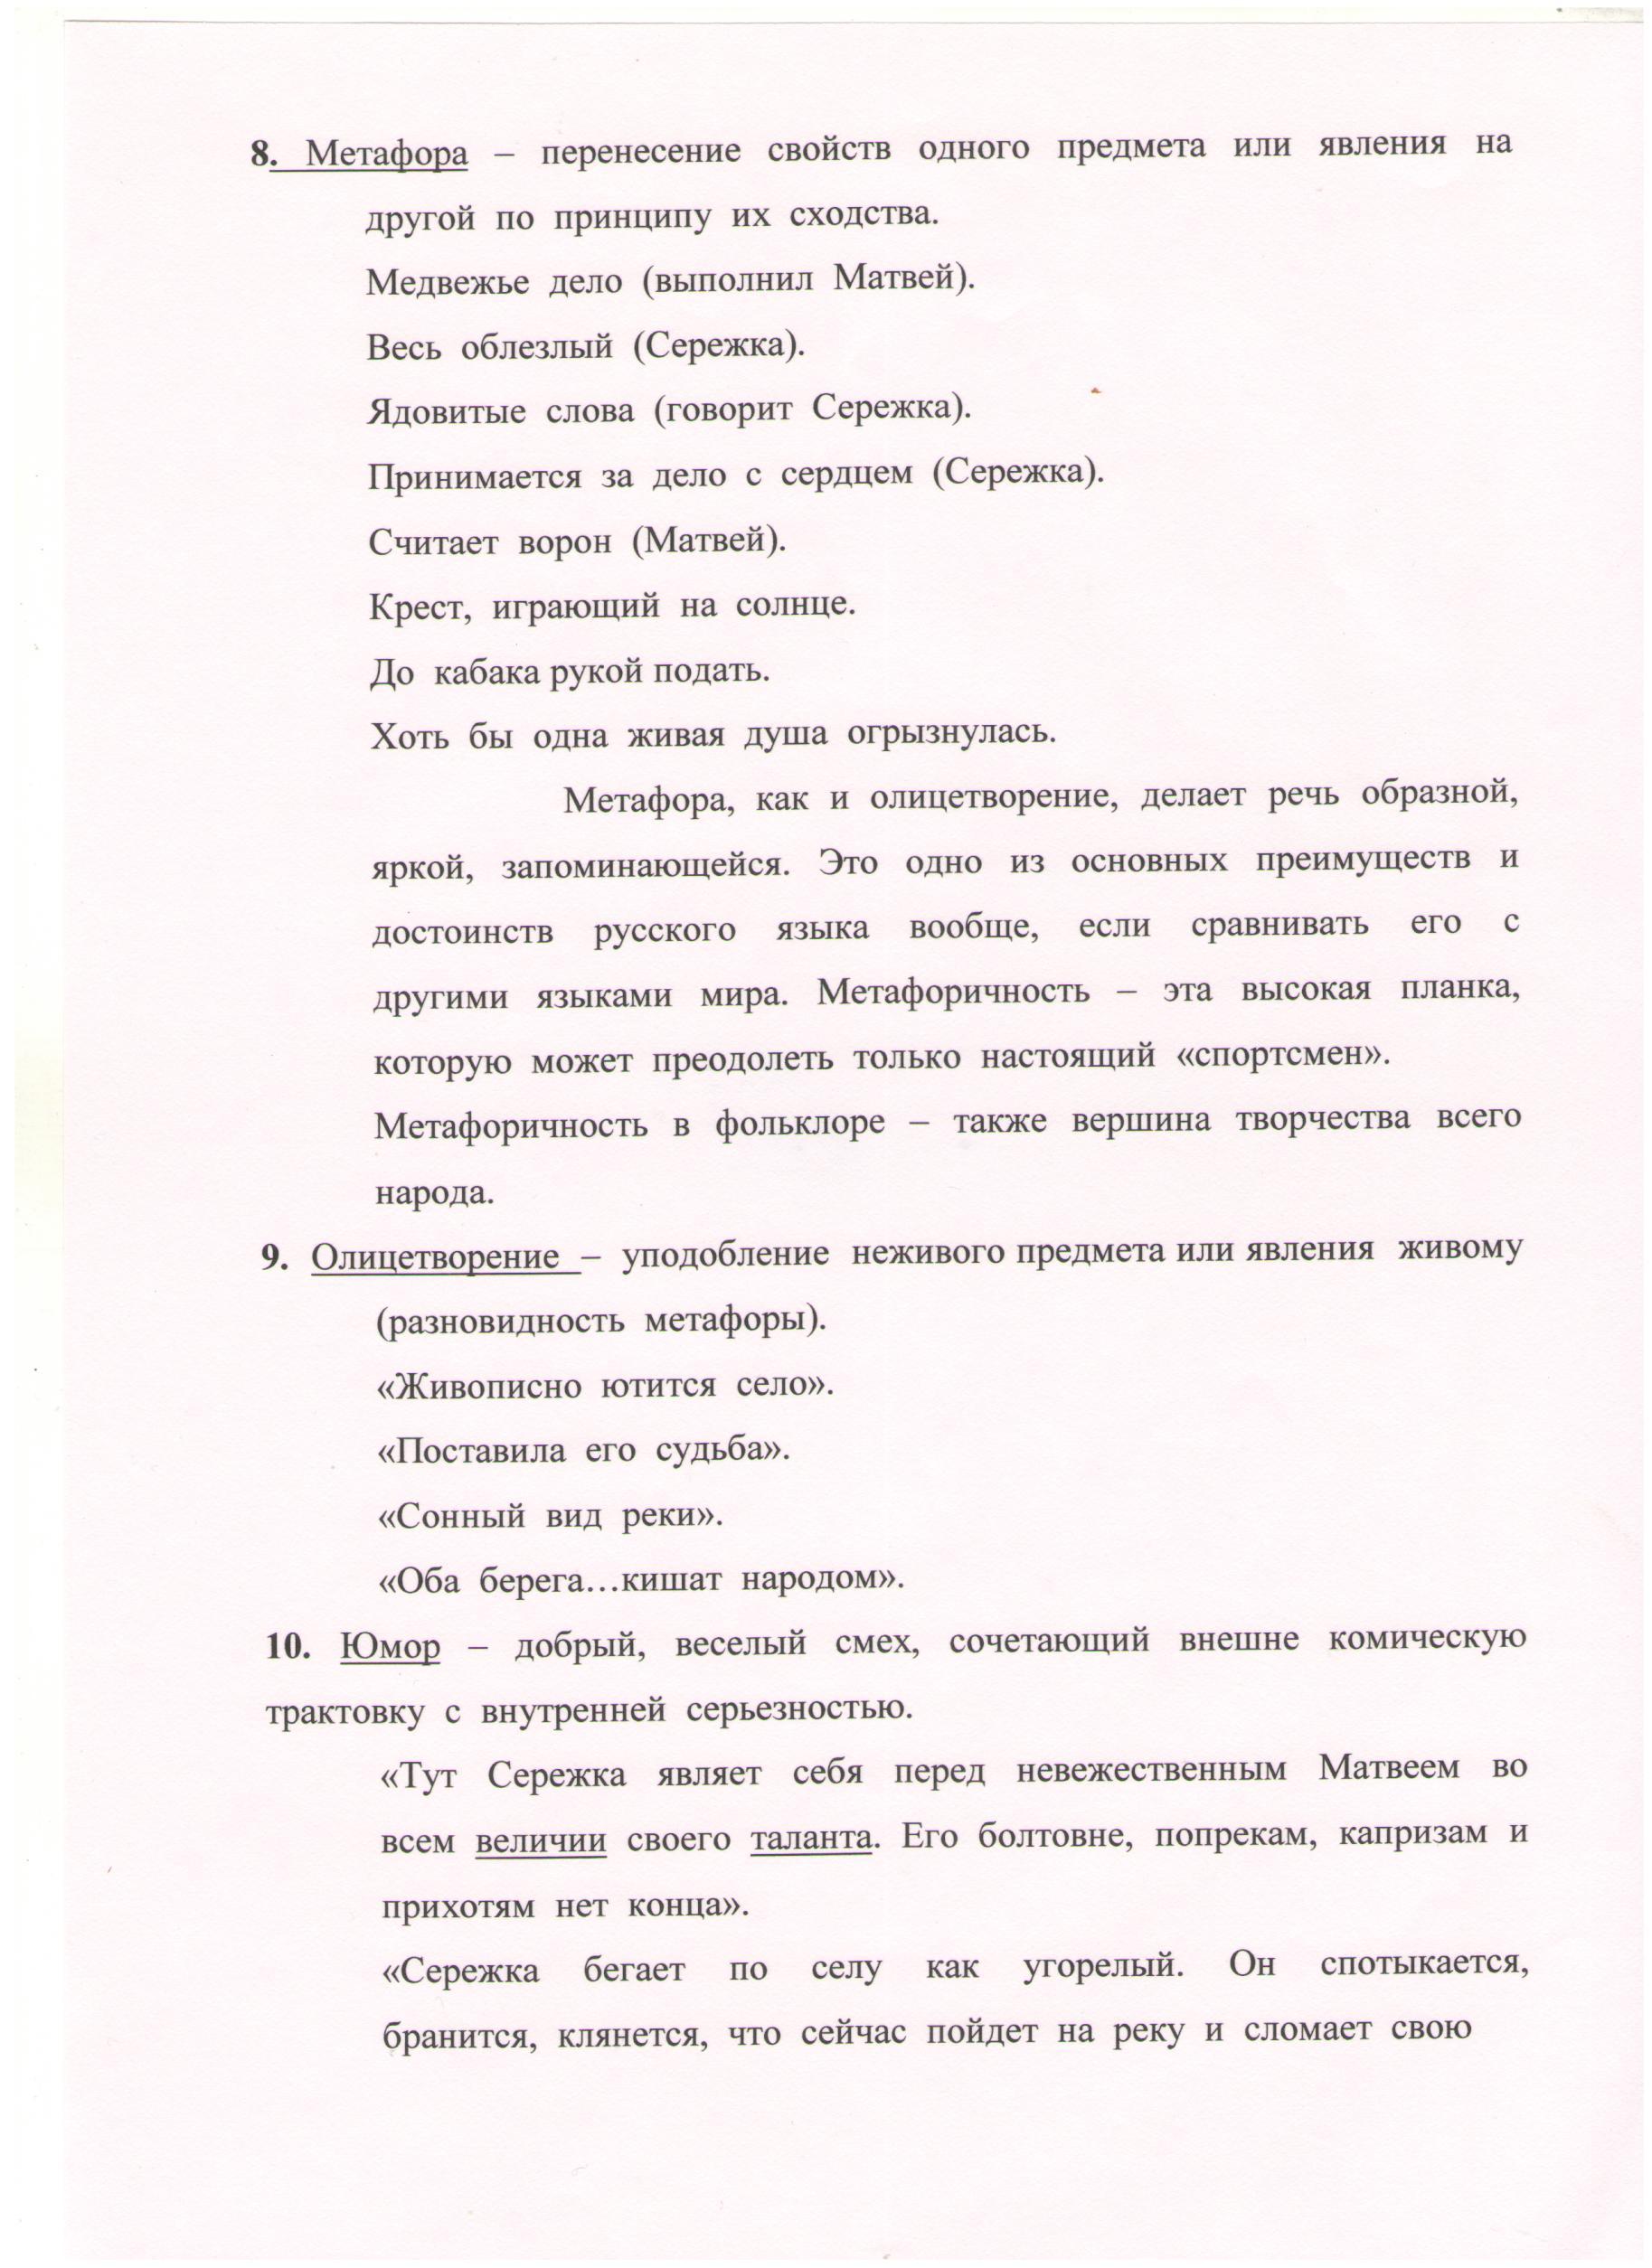 C:\Documents and Settings\Учитель\Рабочий стол\Новая папка\Работа Светы 21.jpg